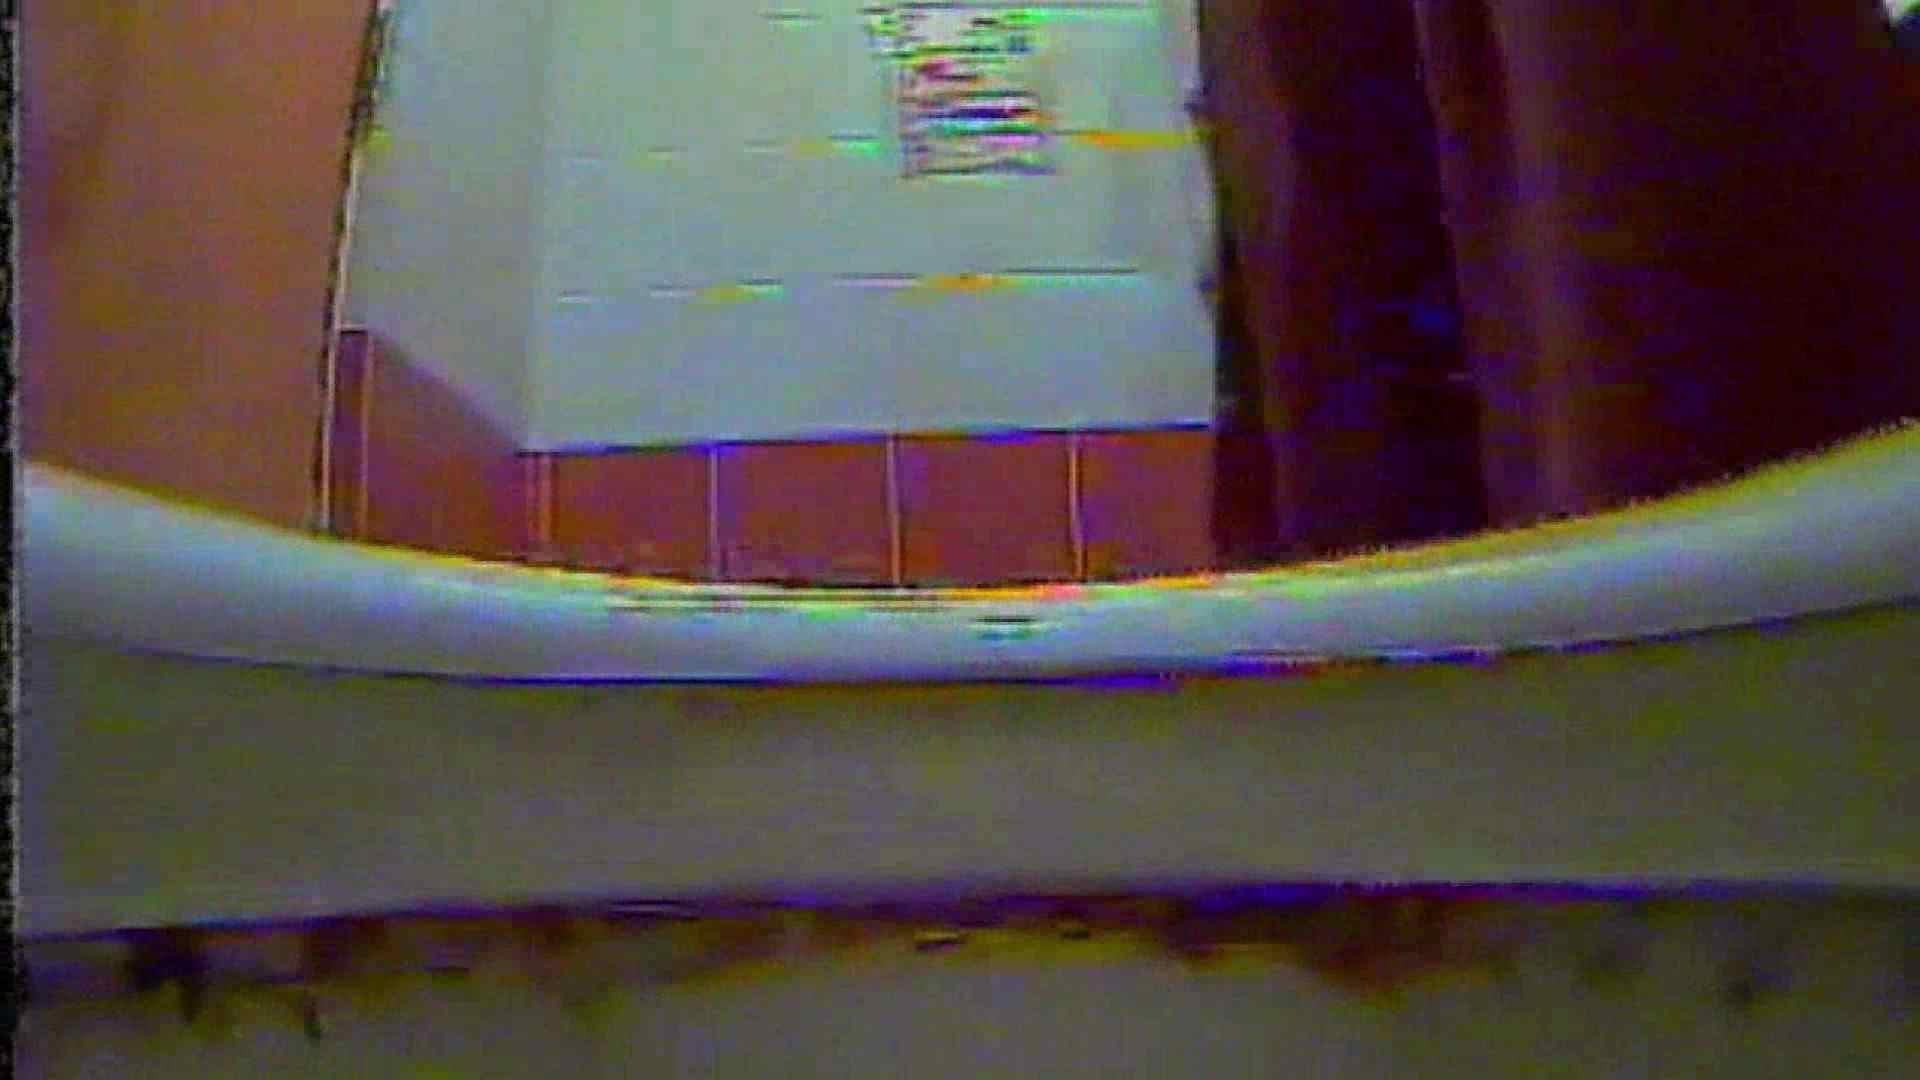 キレカワ女子大生の秘密の洗面所!Vol.048 放尿 オメコ動画キャプチャ 109画像 79